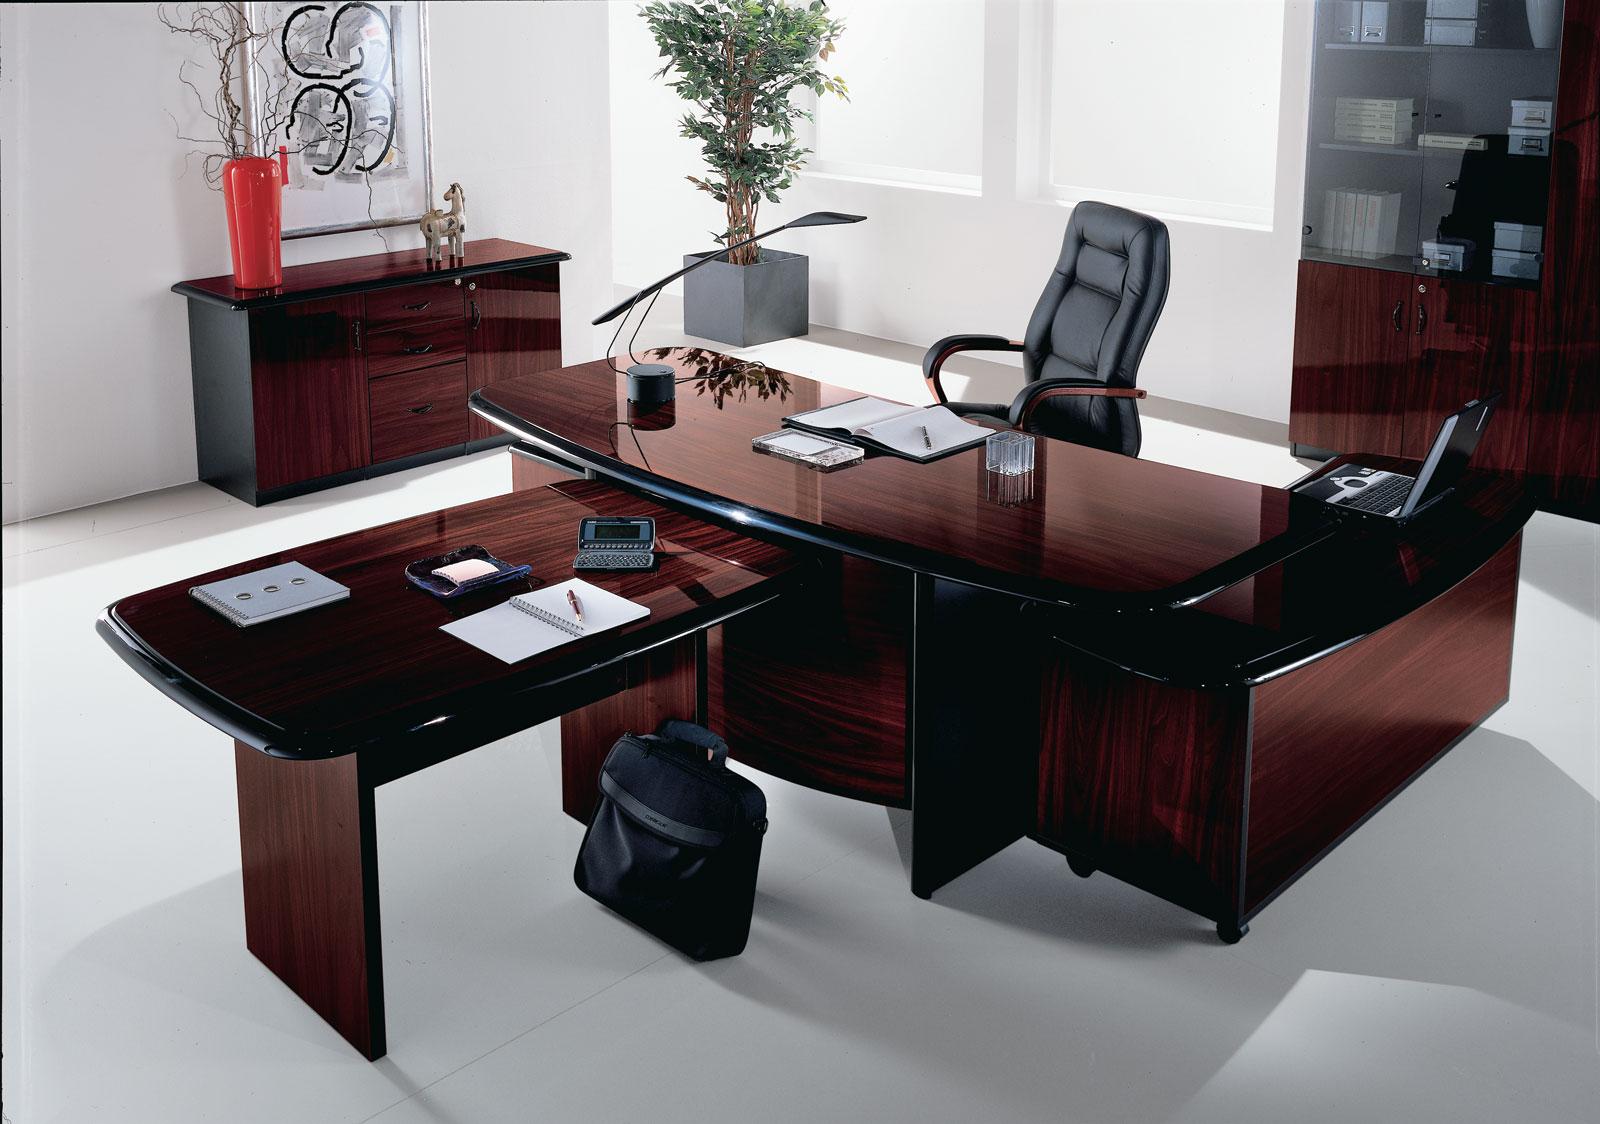 Разновидности мебели для офиса. Как не ошибиться при выборе?